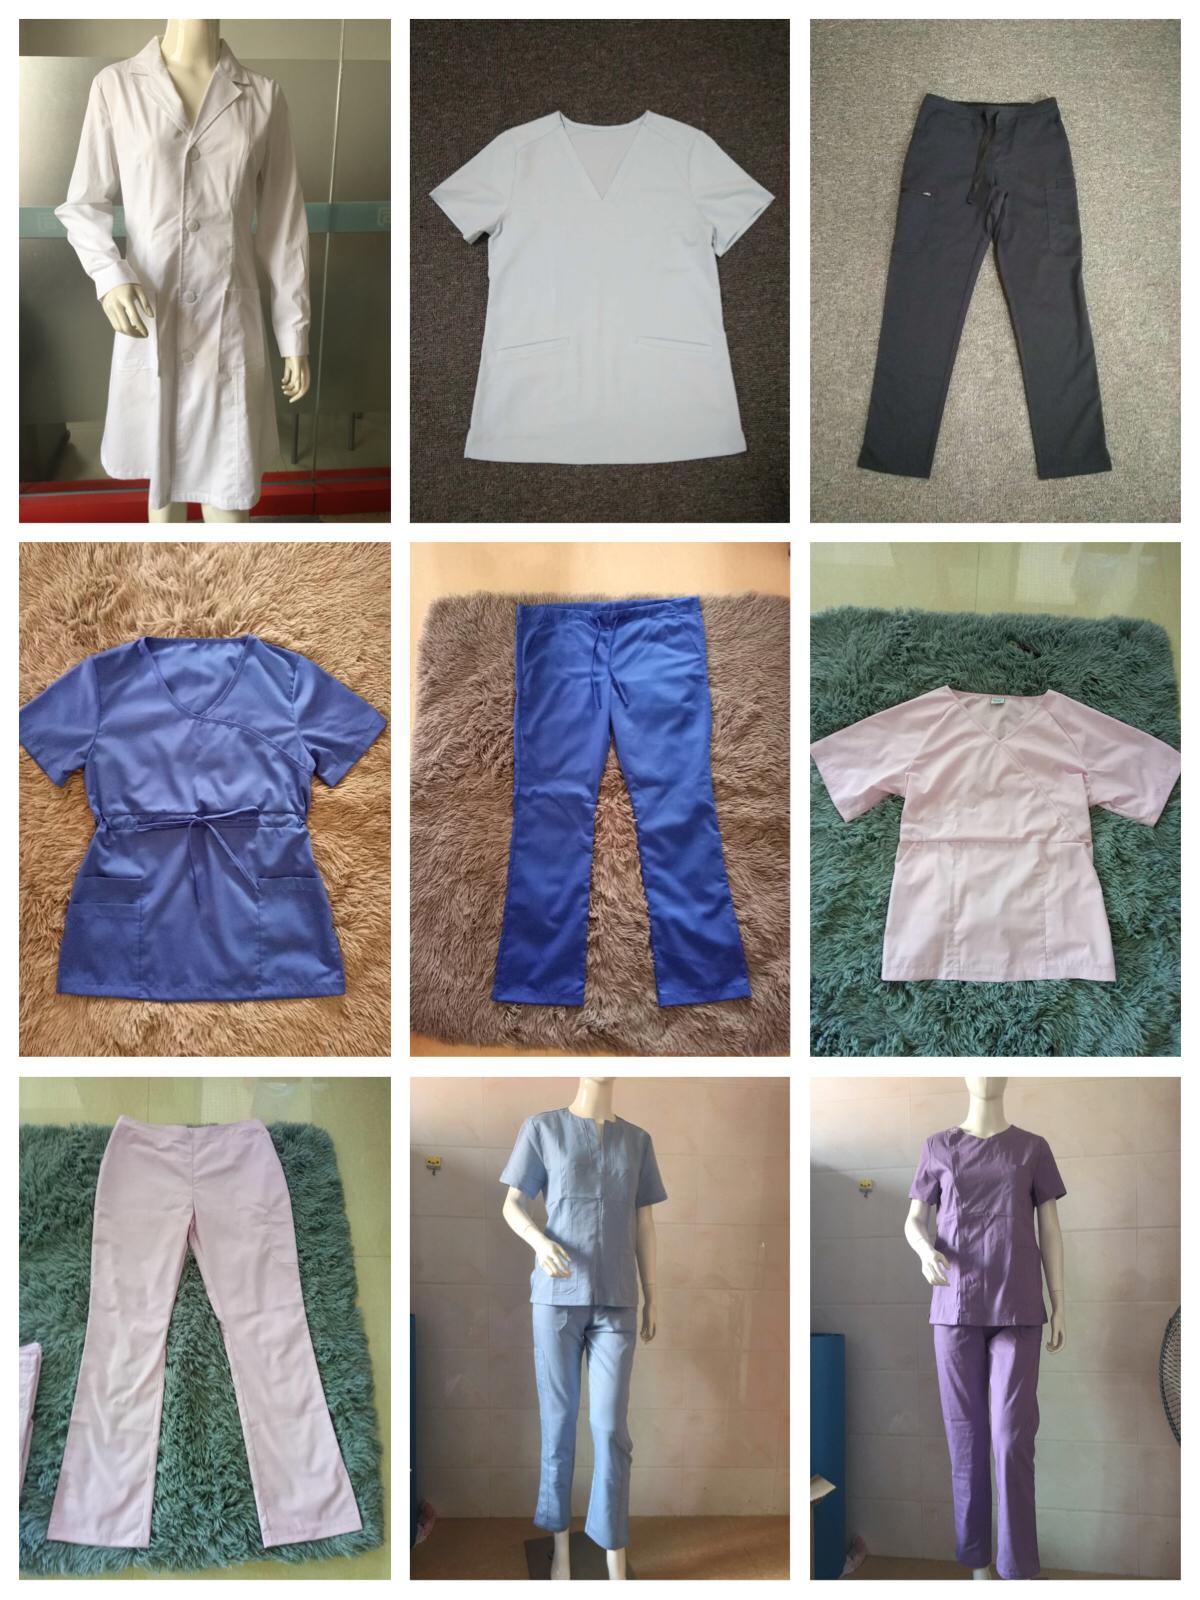 Medical Hospital di persone popolare infermiera uniforme